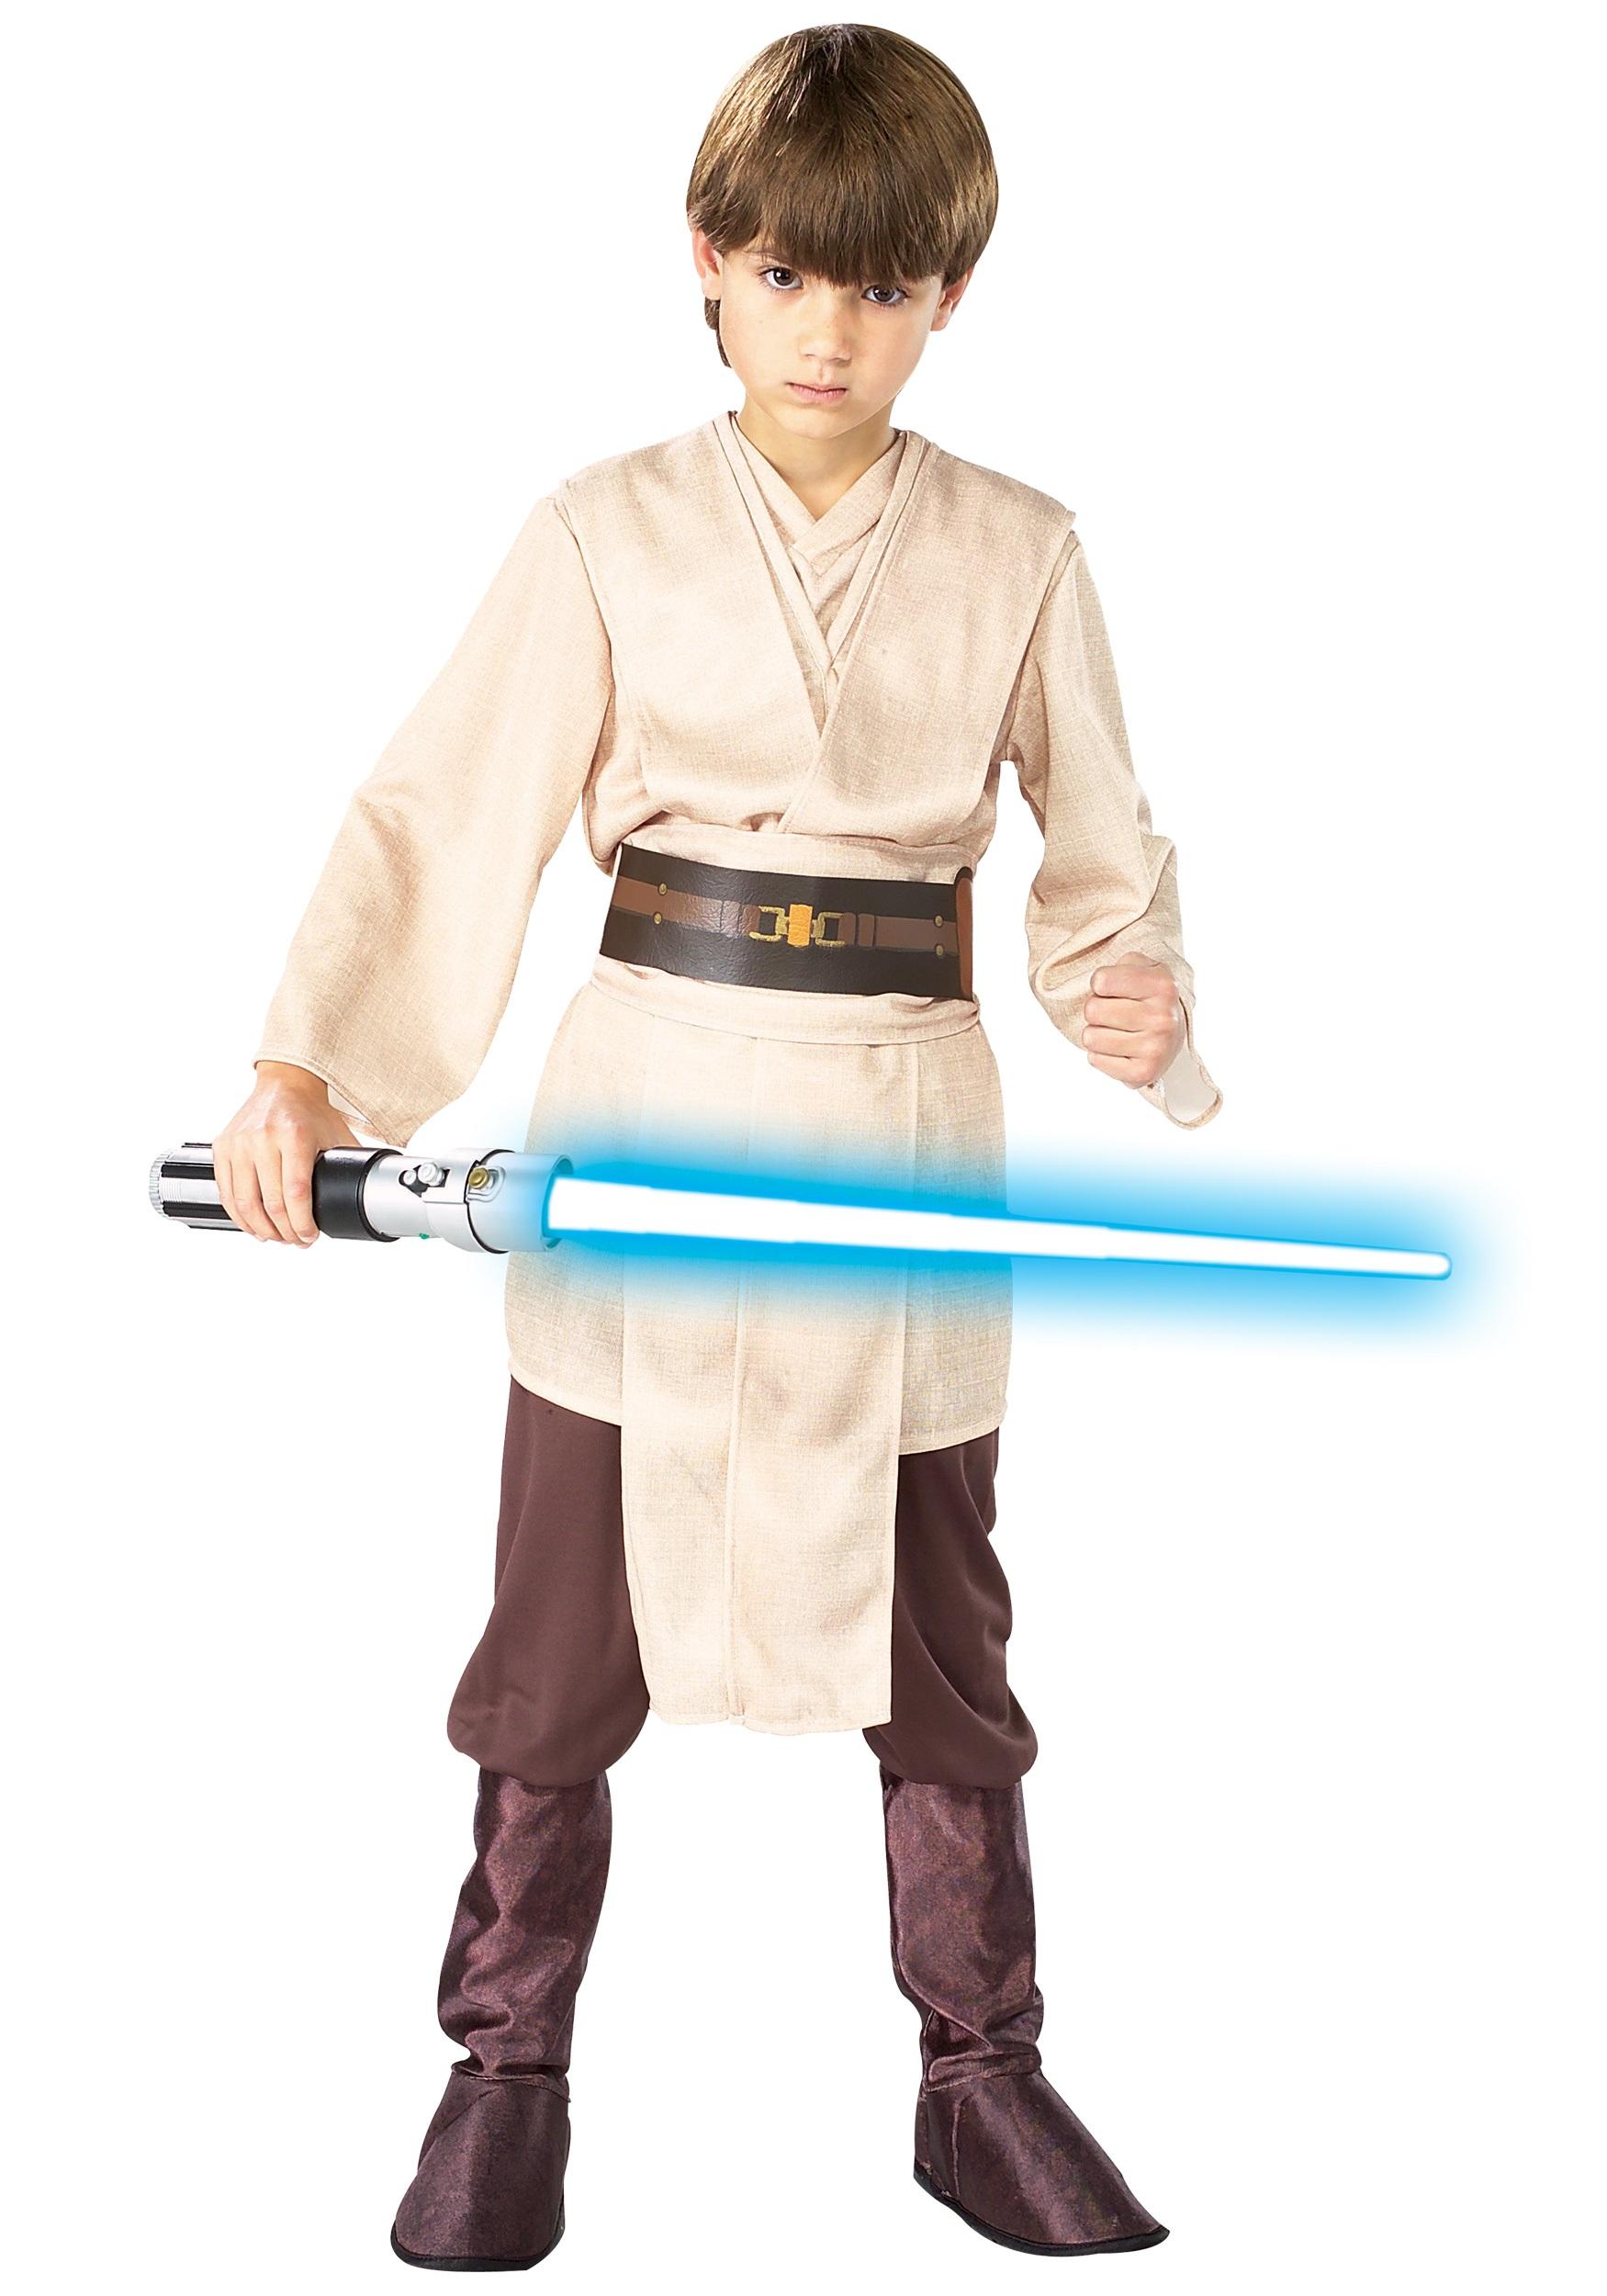 STAR WARS COSTUMES: : Star Wars Jedi